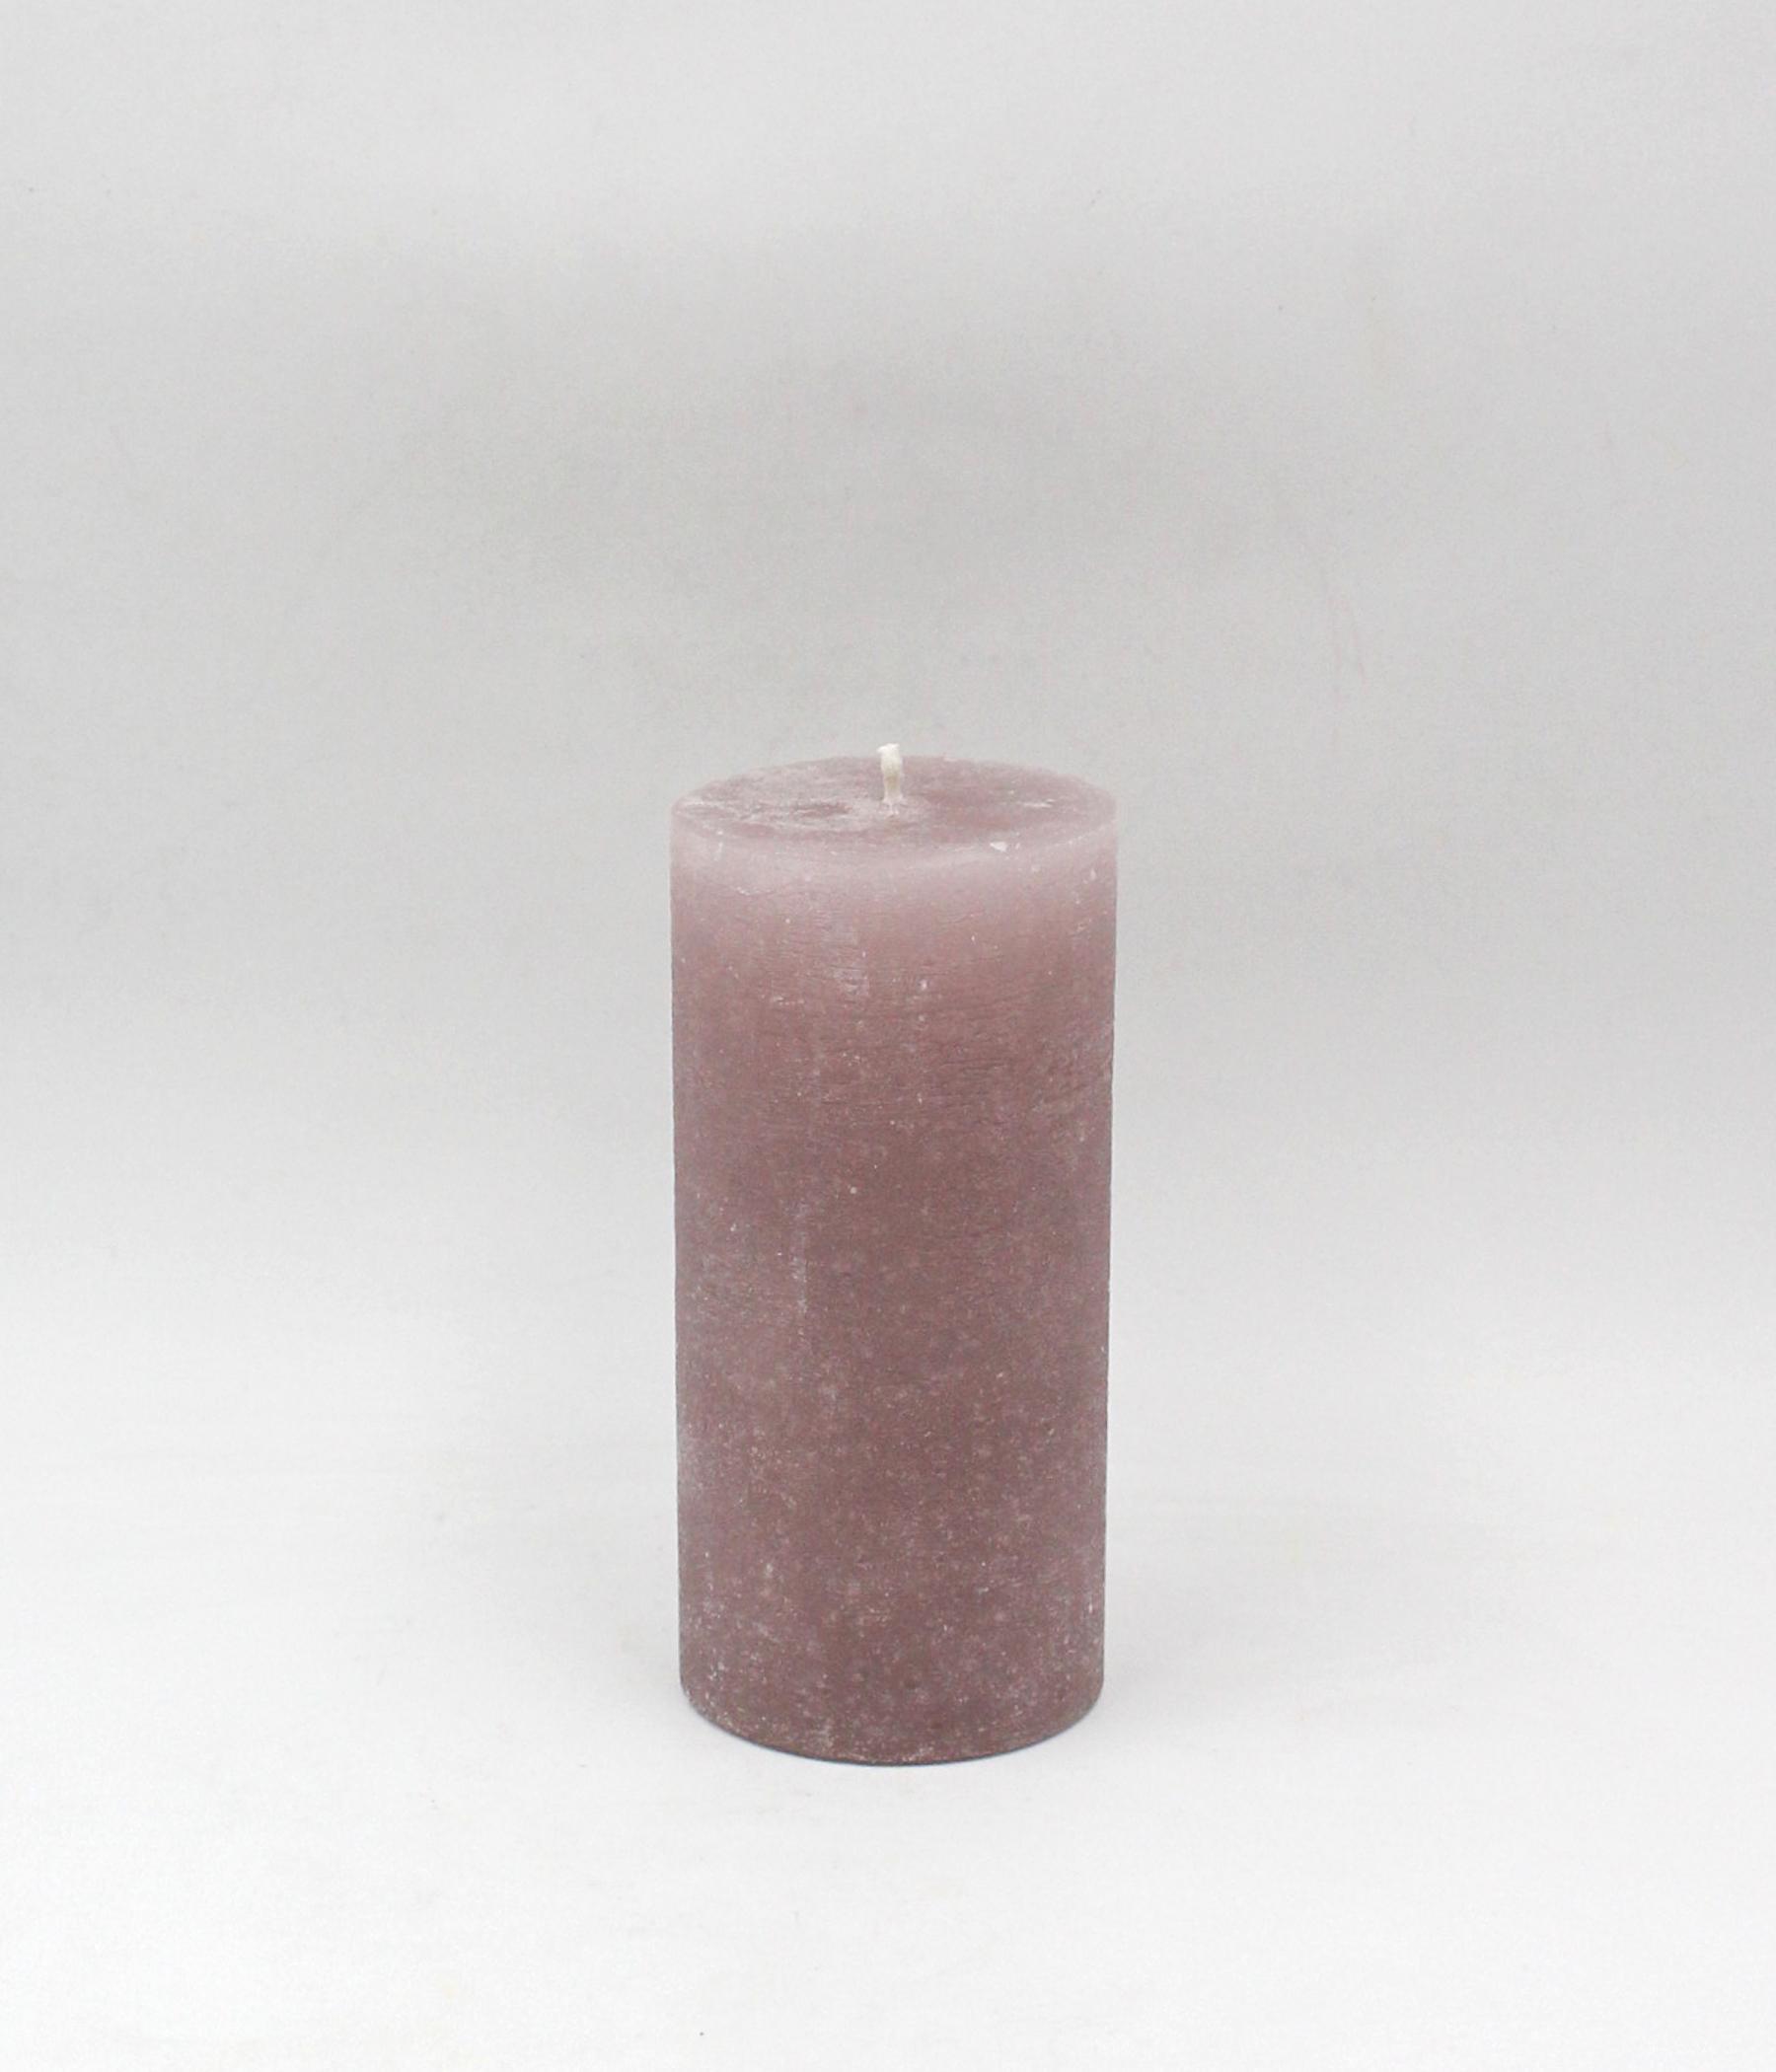 Marmorizzata candela cilindrica rustica